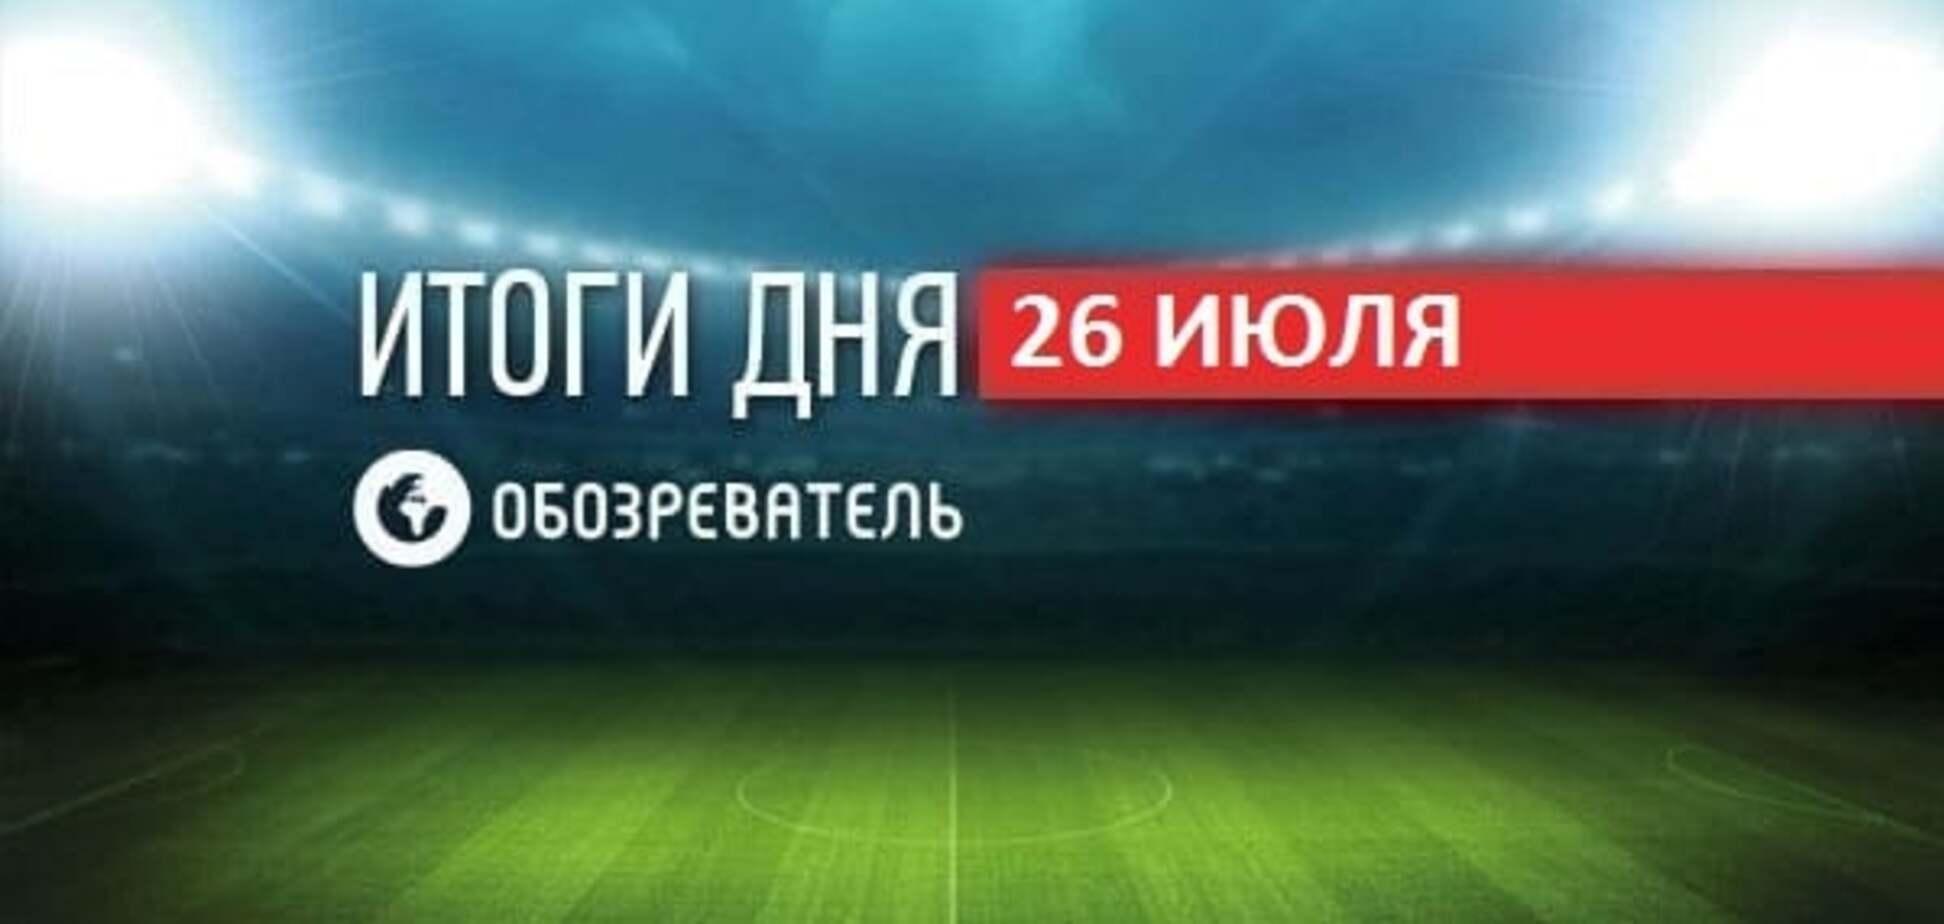 МОК решил не пустить на Олимпиаду-2016 90% российских спортсменов. Спортивные итоги 26 июля